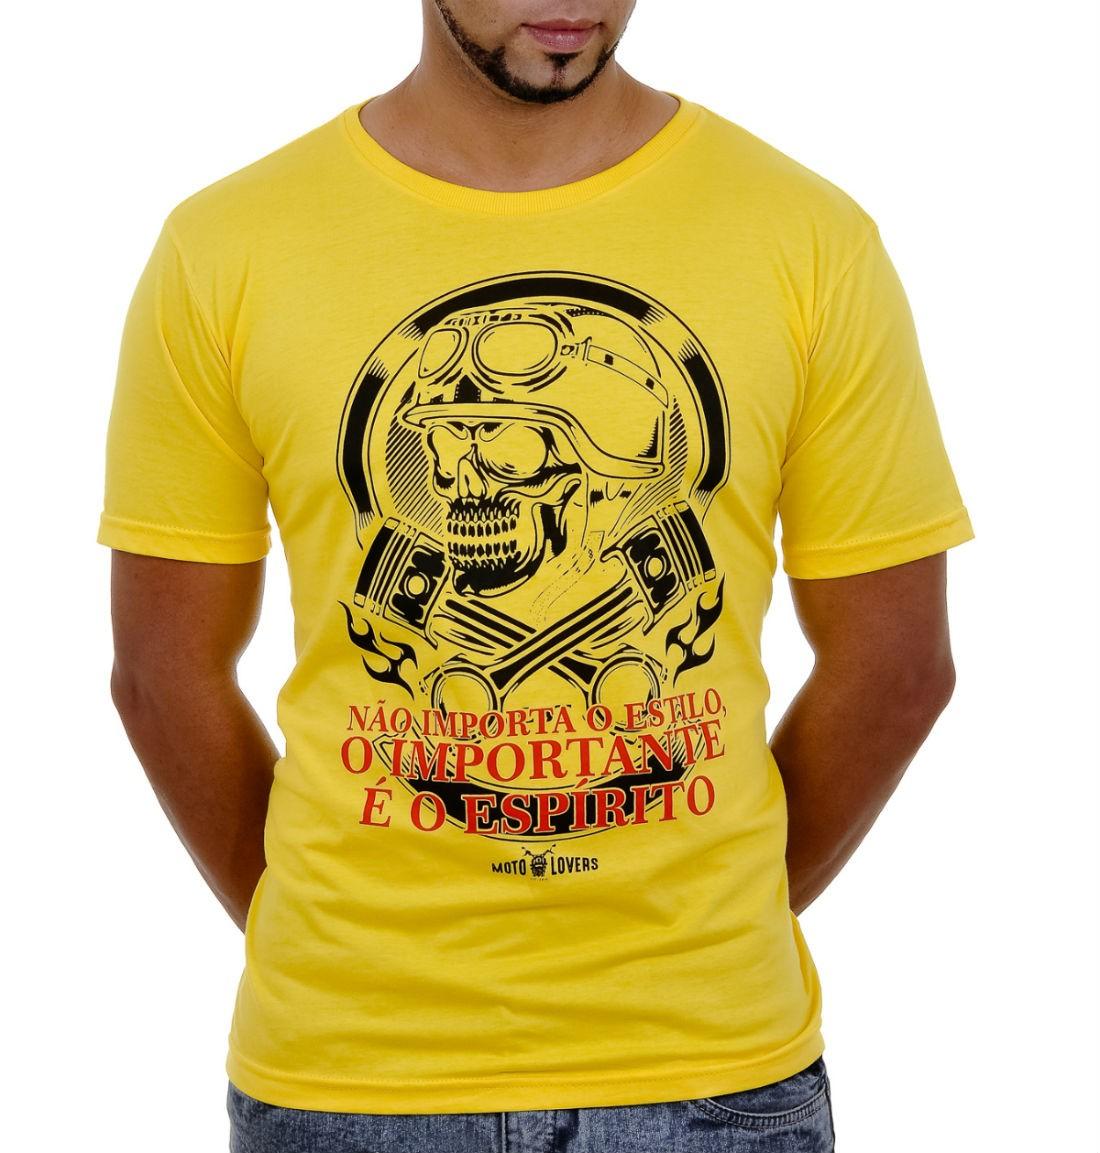 Camiseta Moto Lovers - Não Importa o Estilo